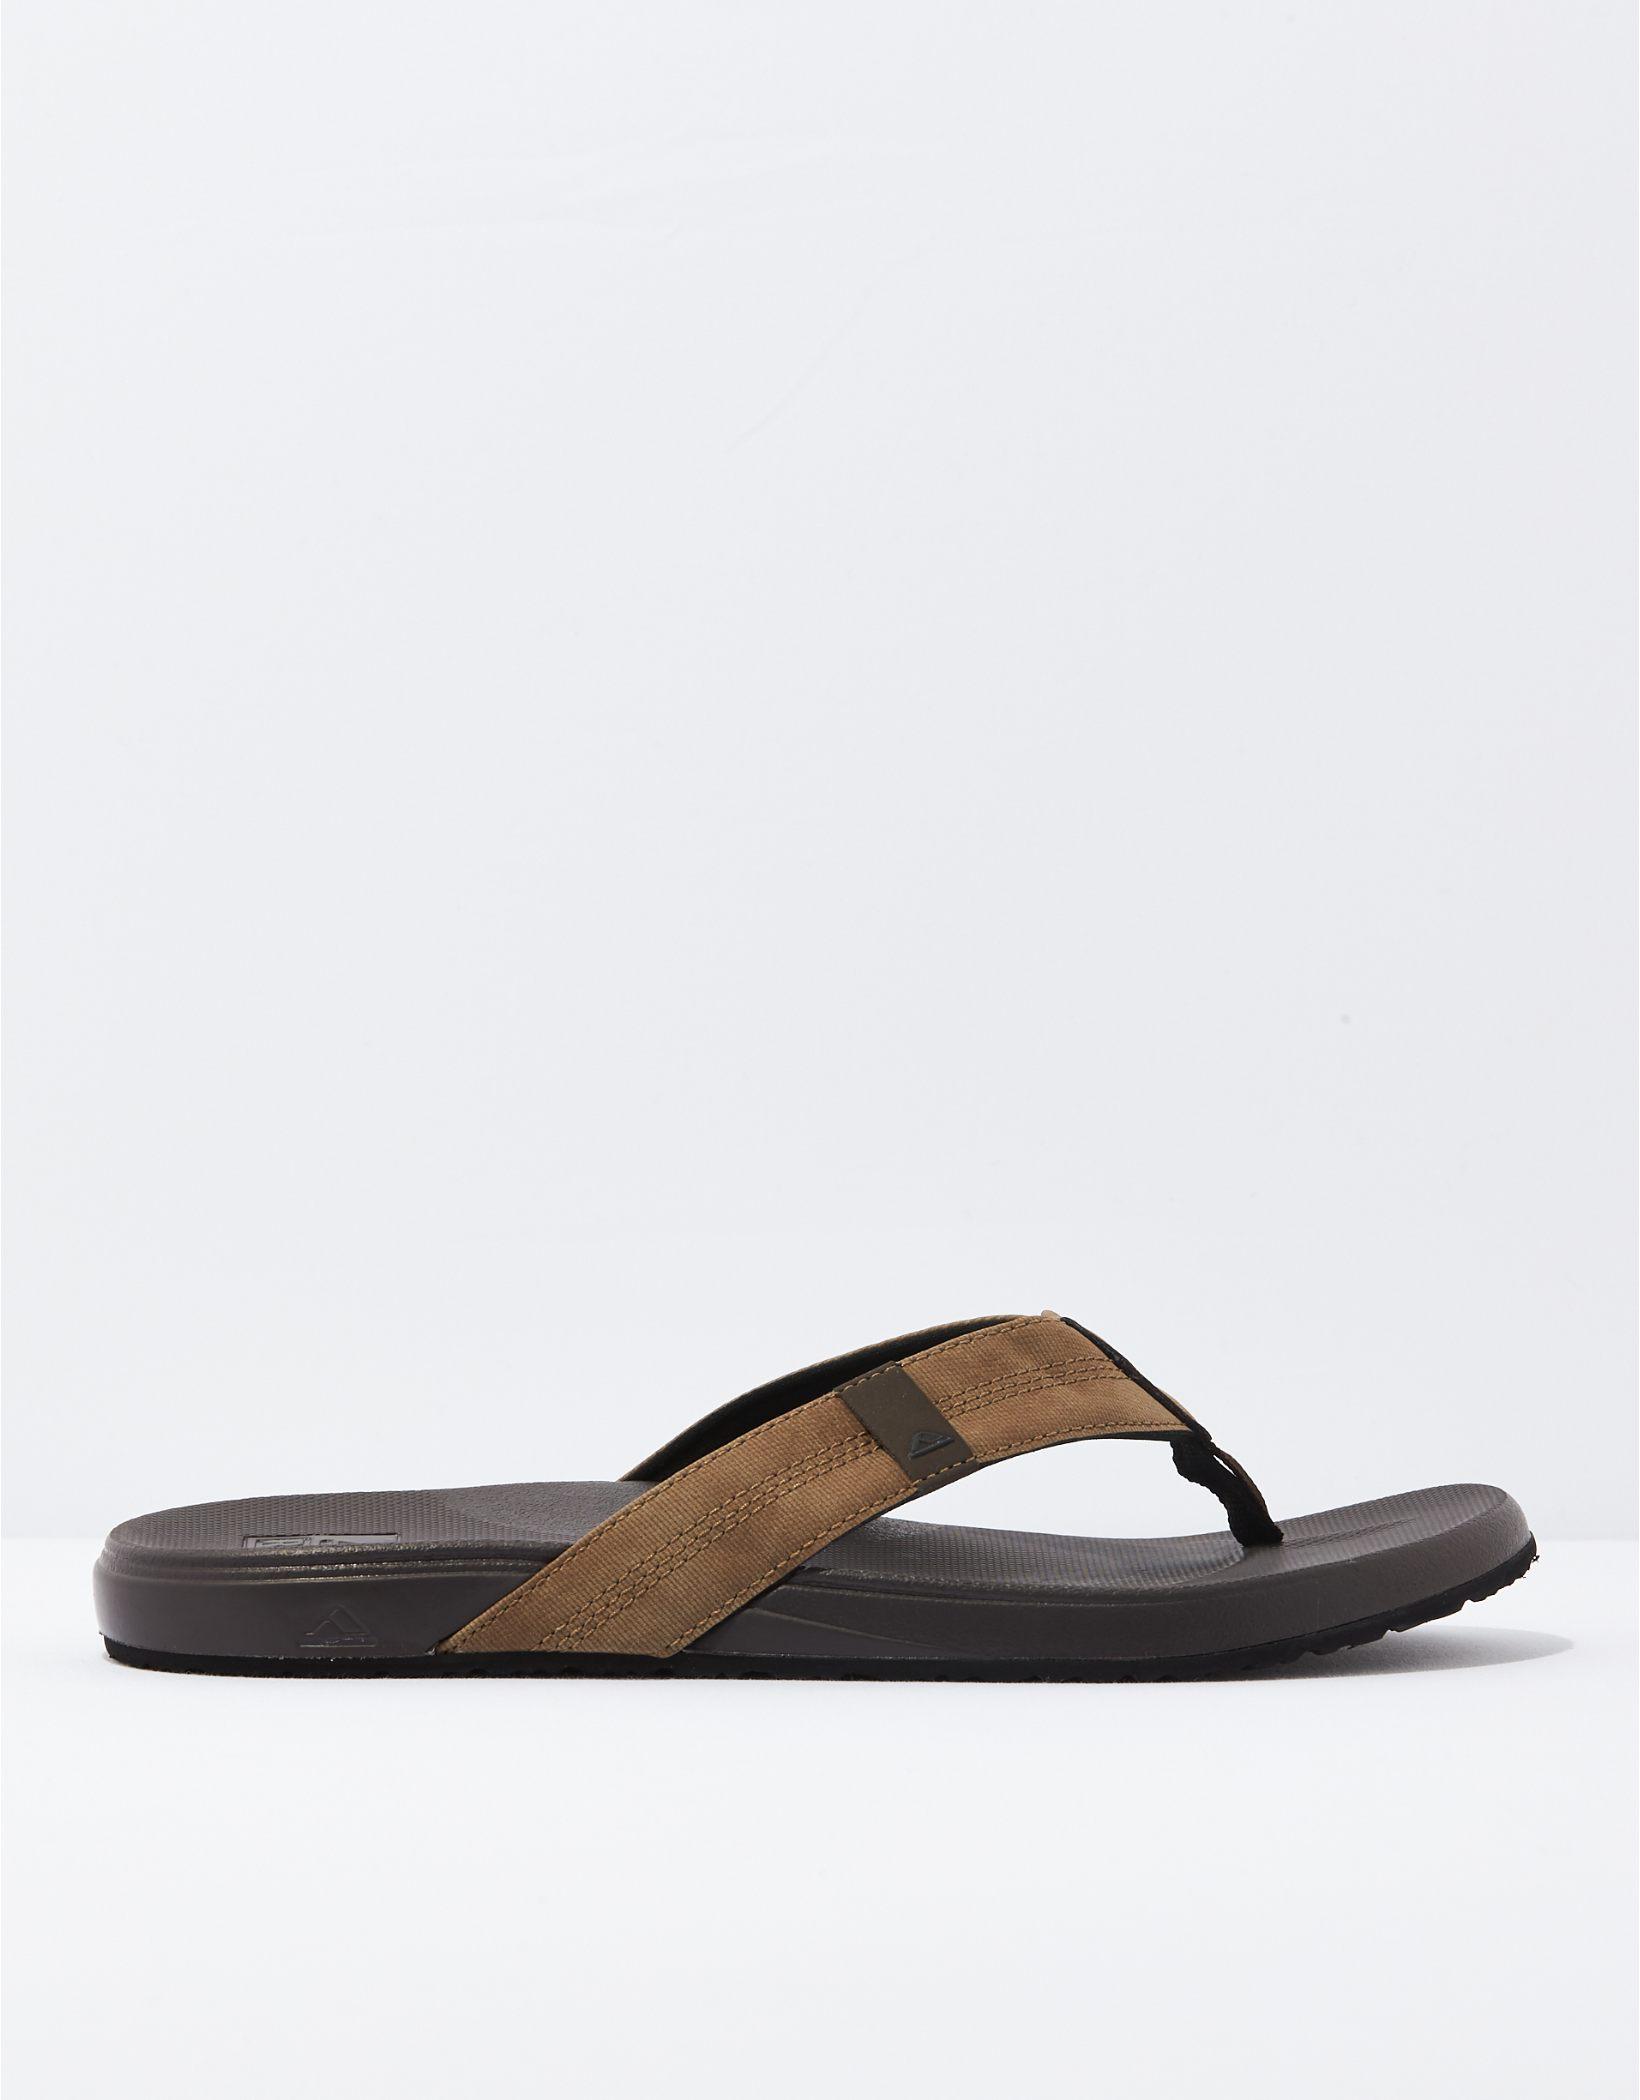 REEF Cushion Phantom Sandal